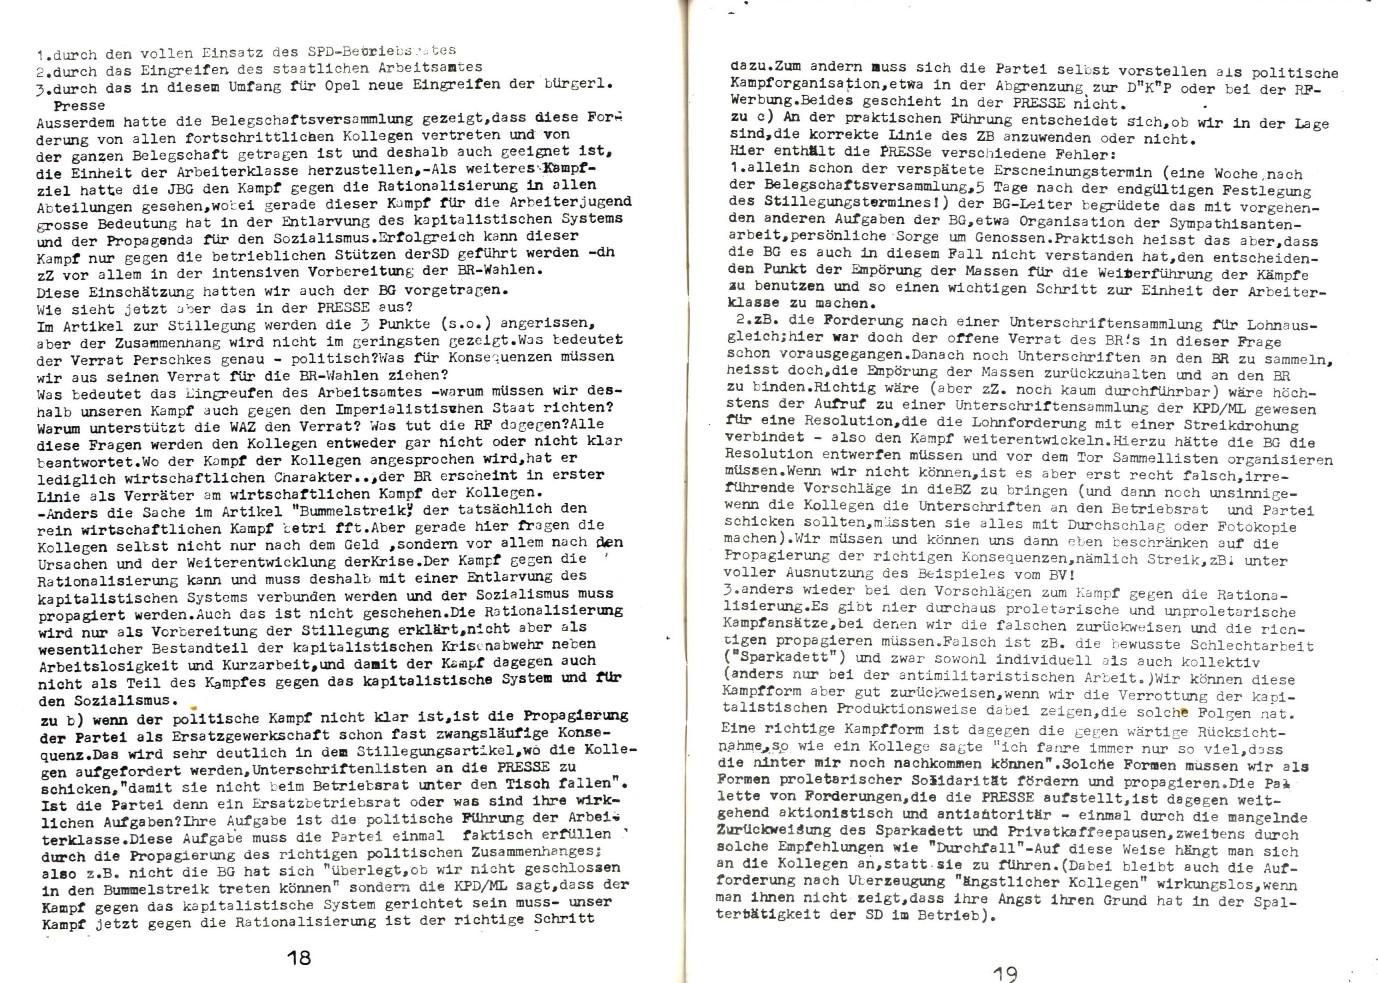 NRW_KPDML_Der_Bolschewist_1972_04_11